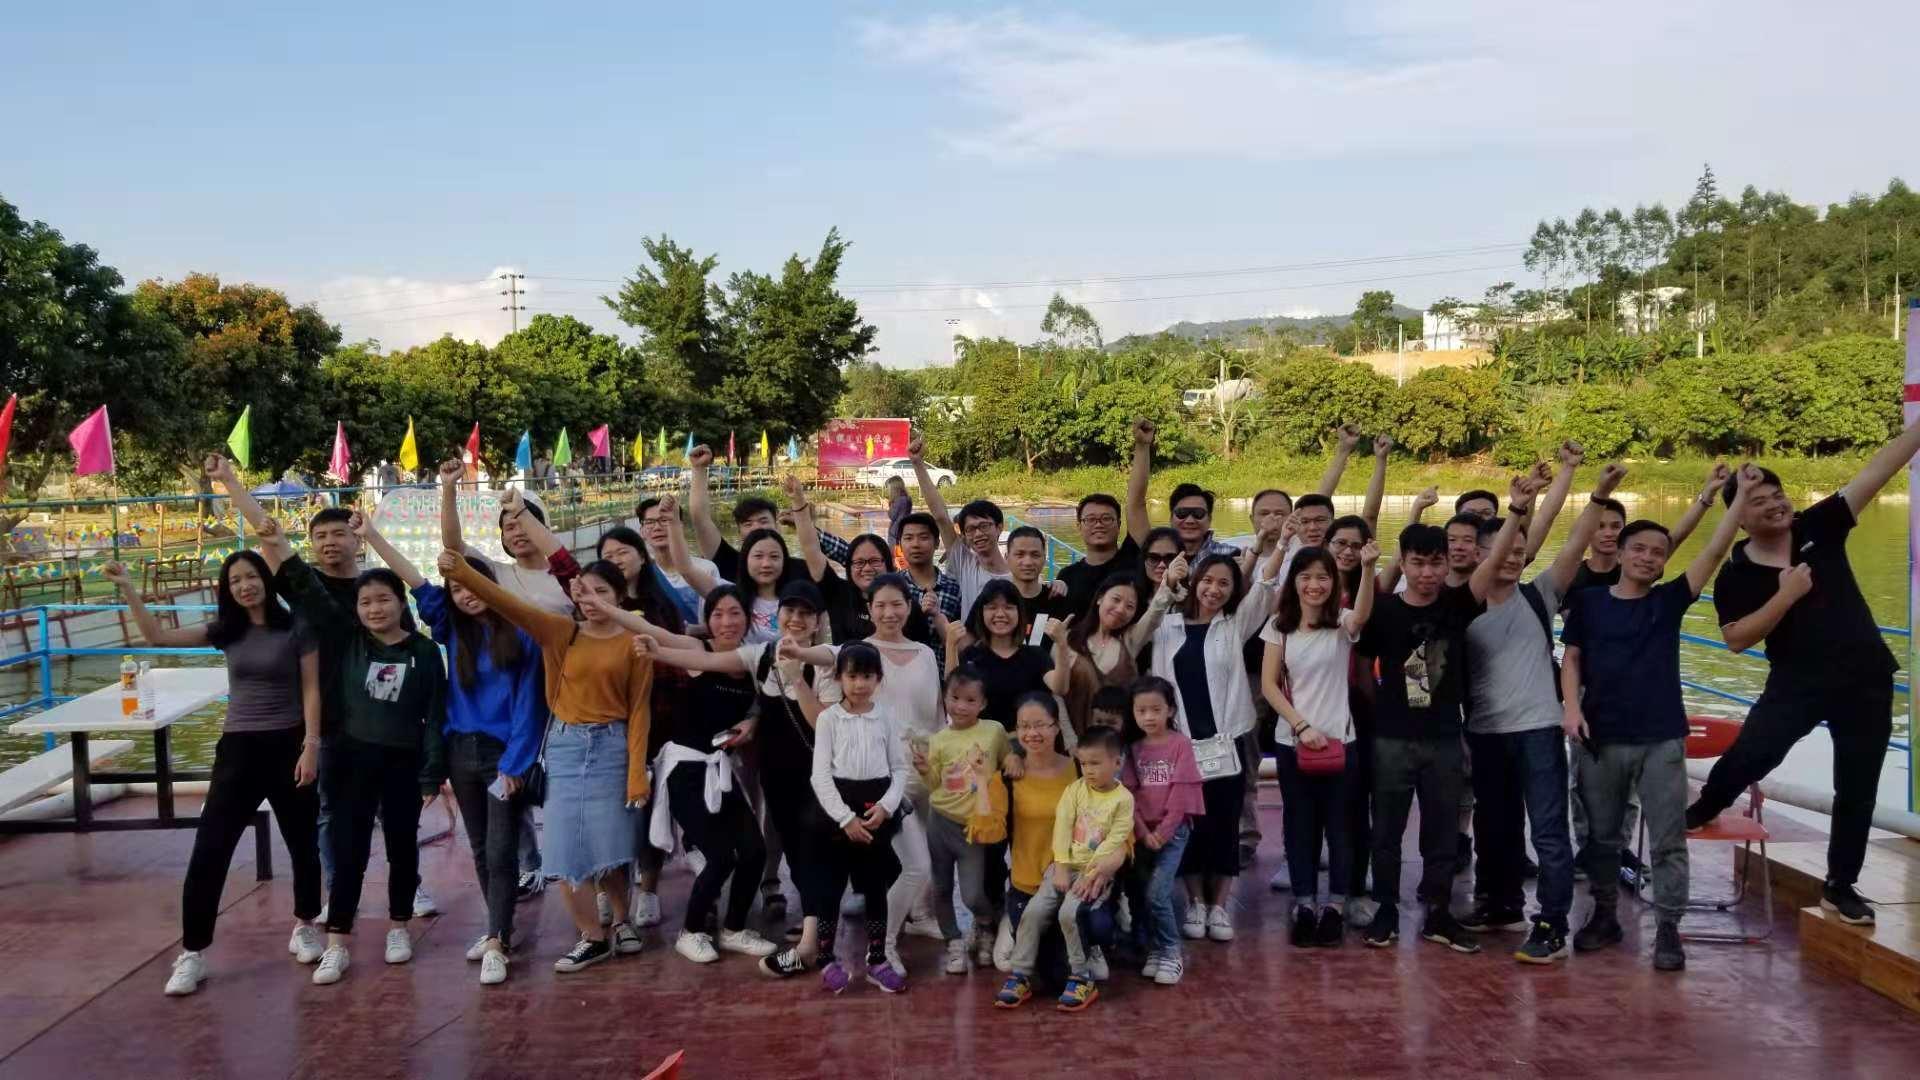 乐湖生态园游客合影